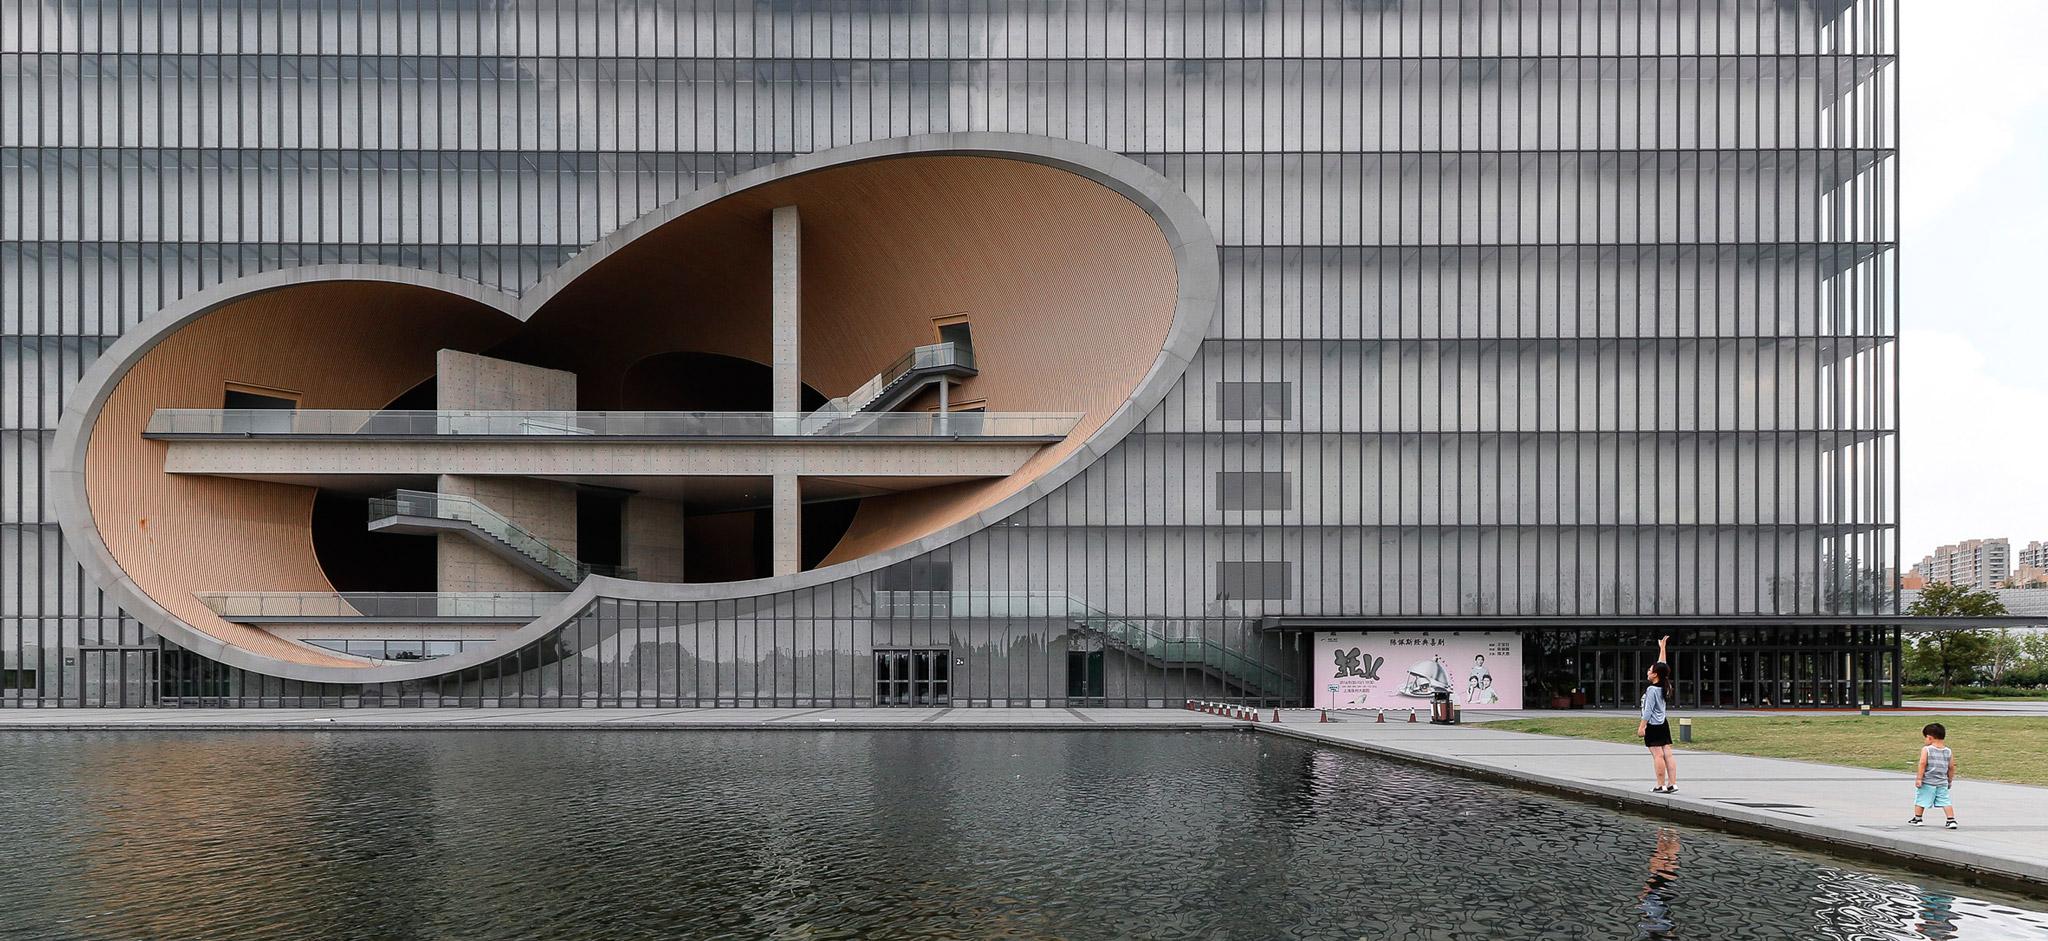 Shanghai Poly Grand Theatre Tadao Ando S Concrete And